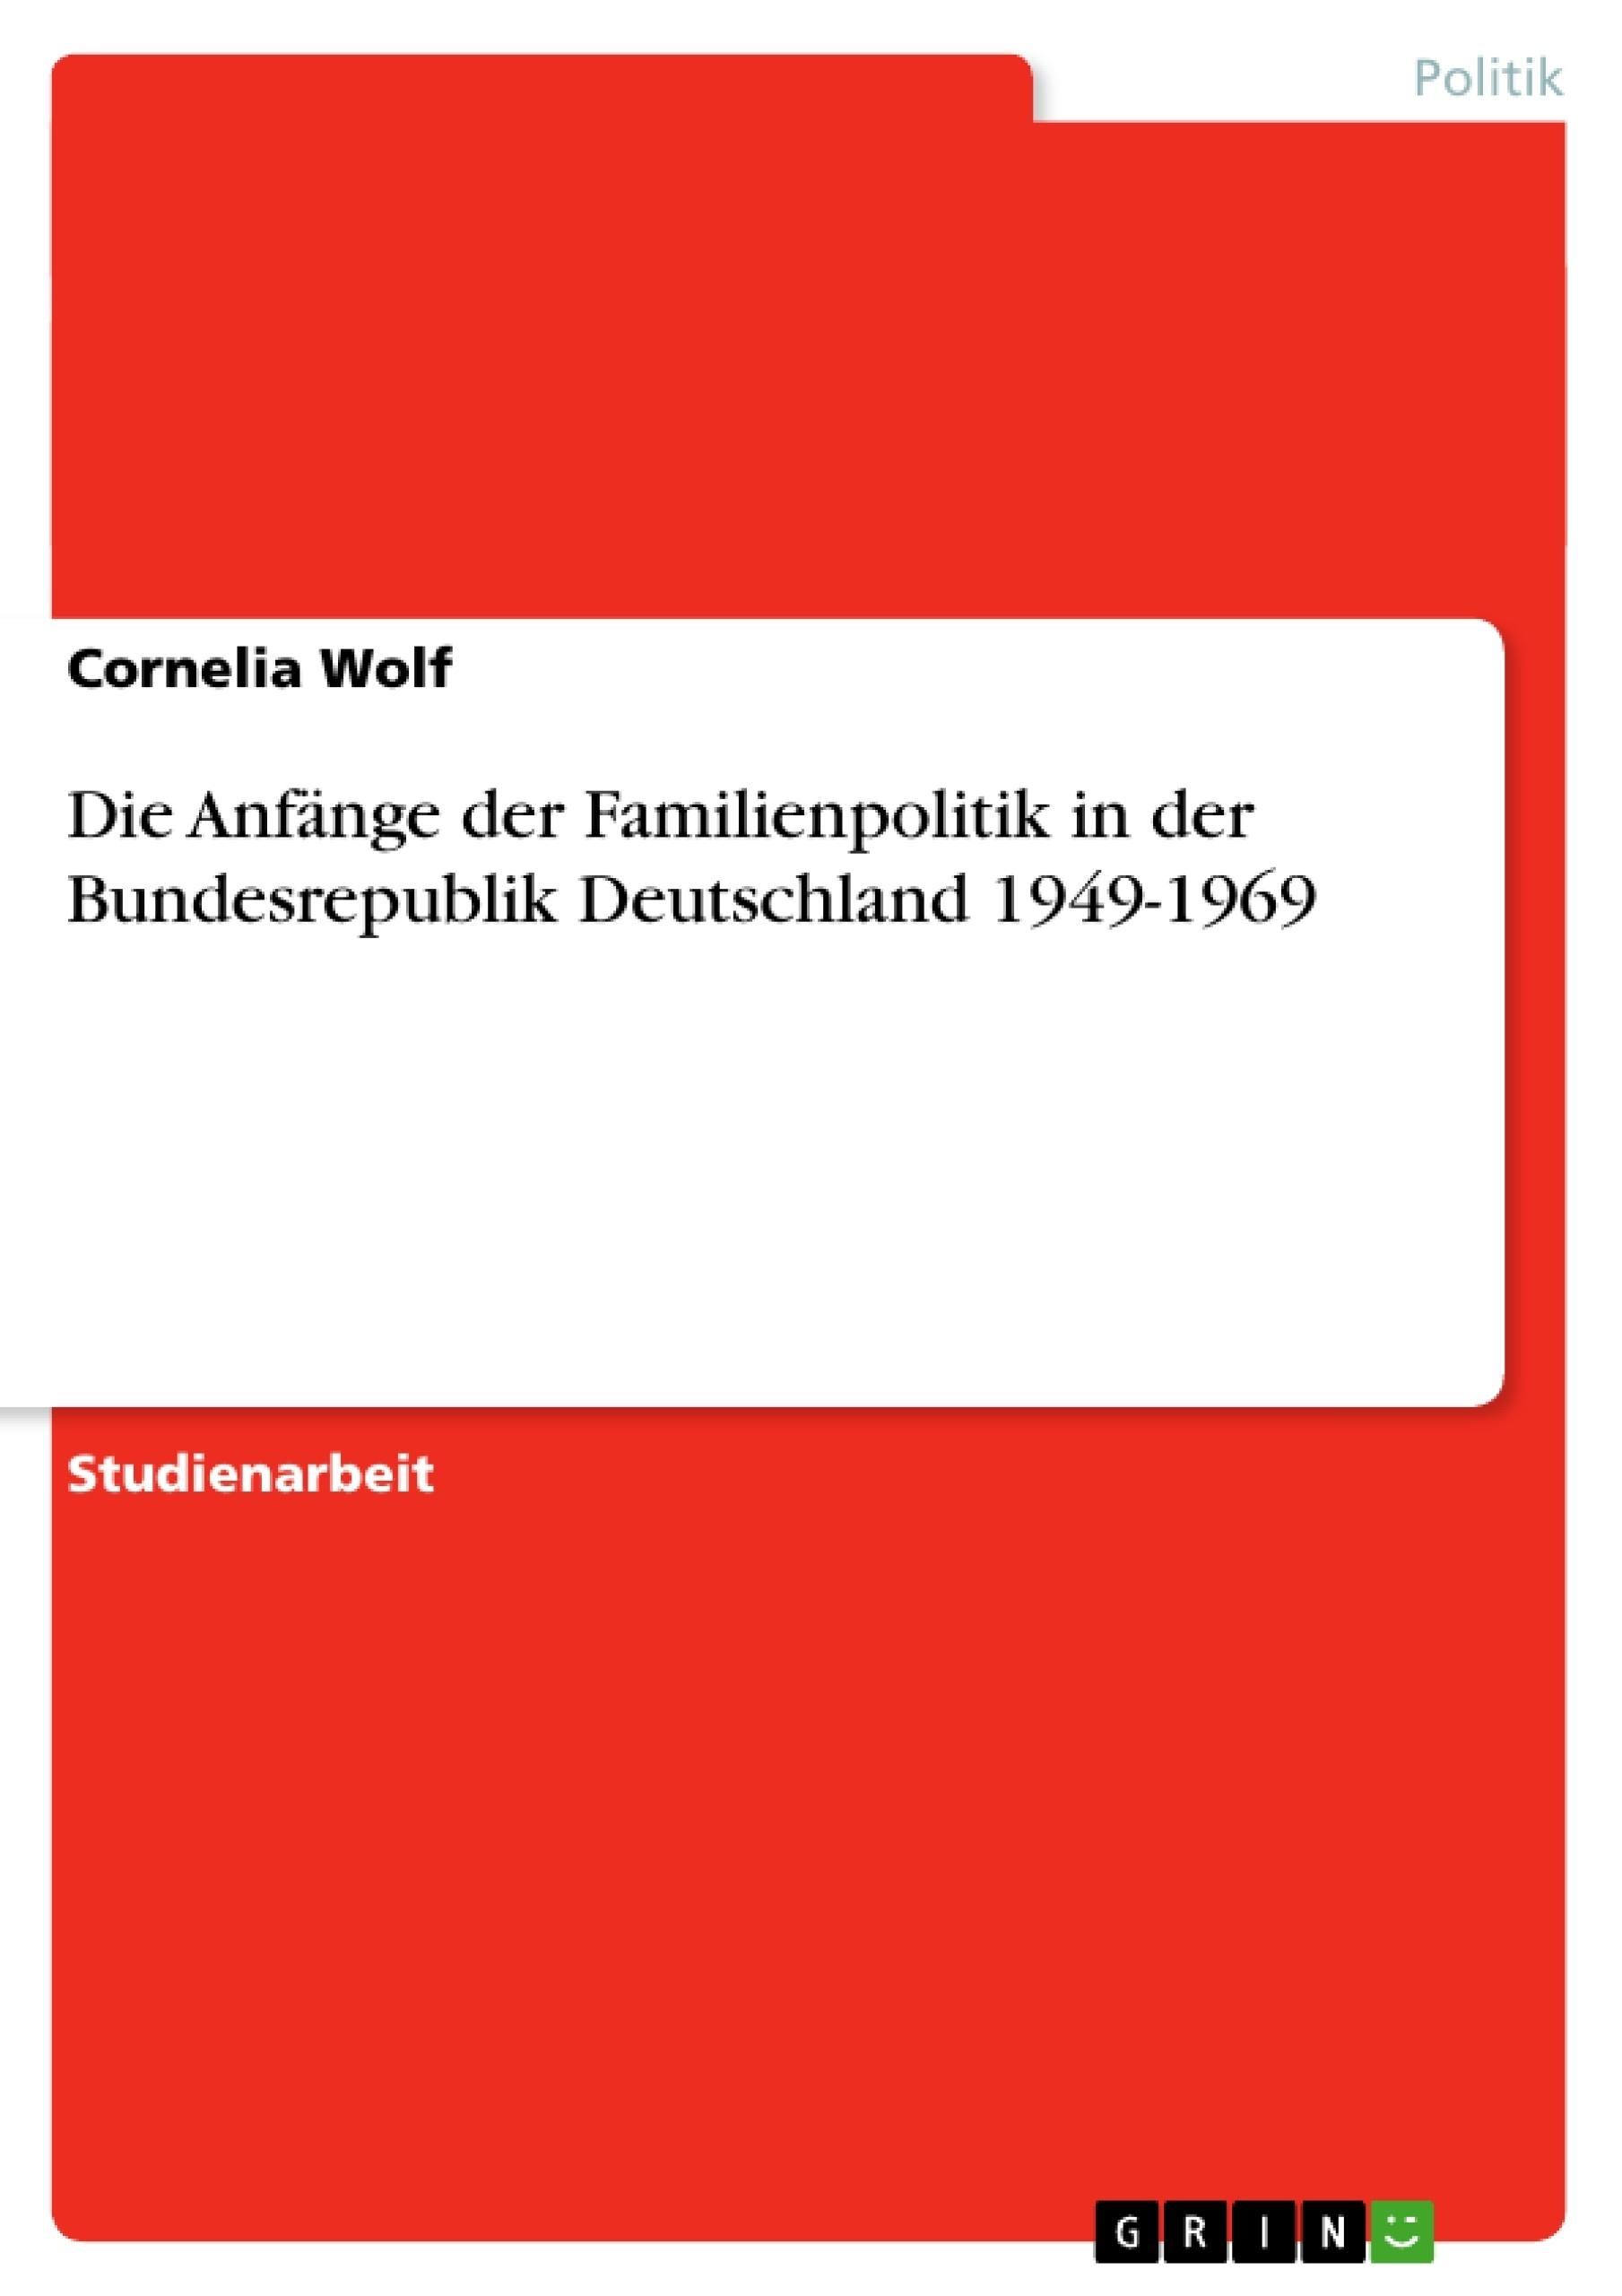 Titel: Die Anfänge der Familienpolitik in der Bundesrepublik Deutschland 1949-1969